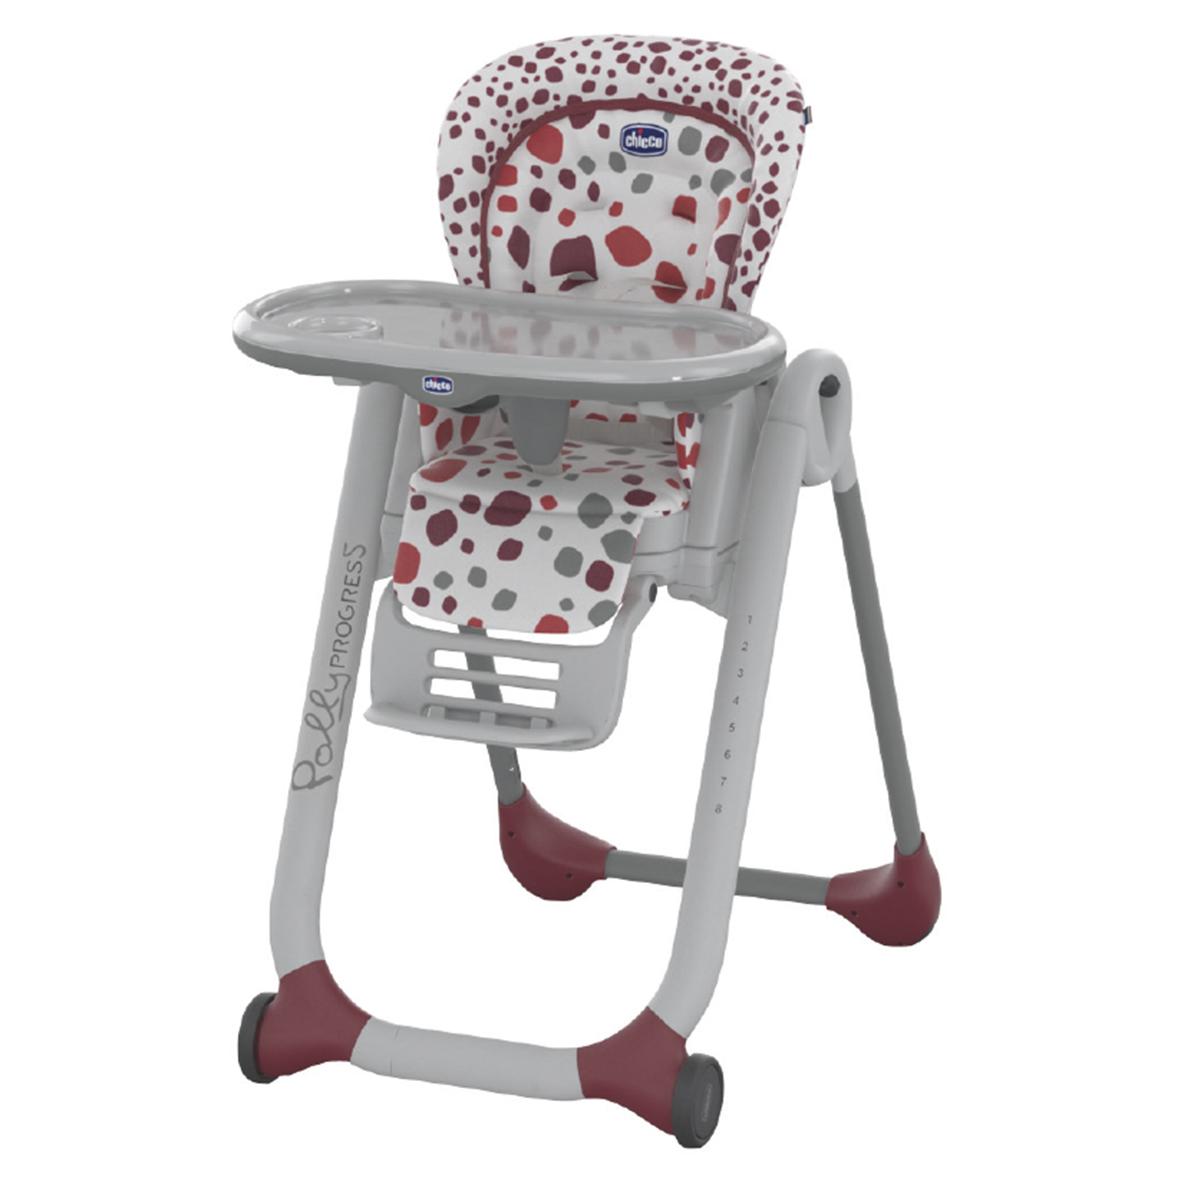 Židlička jídelní Polly Progress - CHERRY